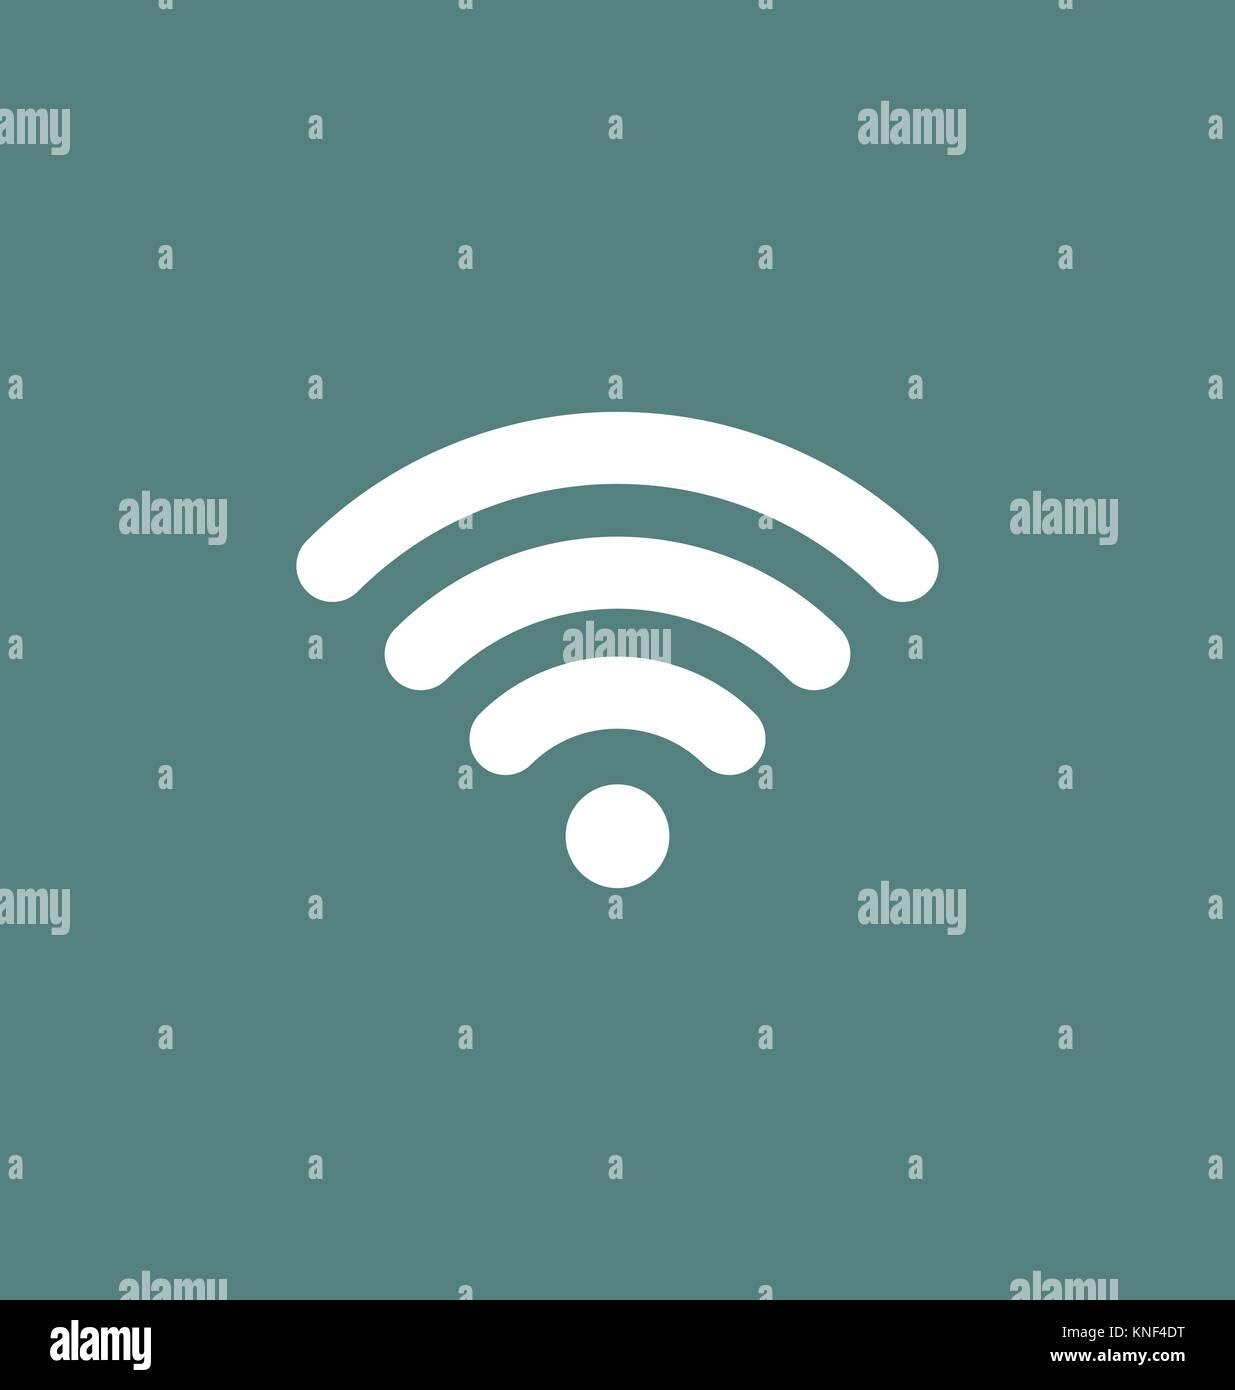 Wlan Symbol Verbindung. Wlan Signal/coverage Symbol vektor ...